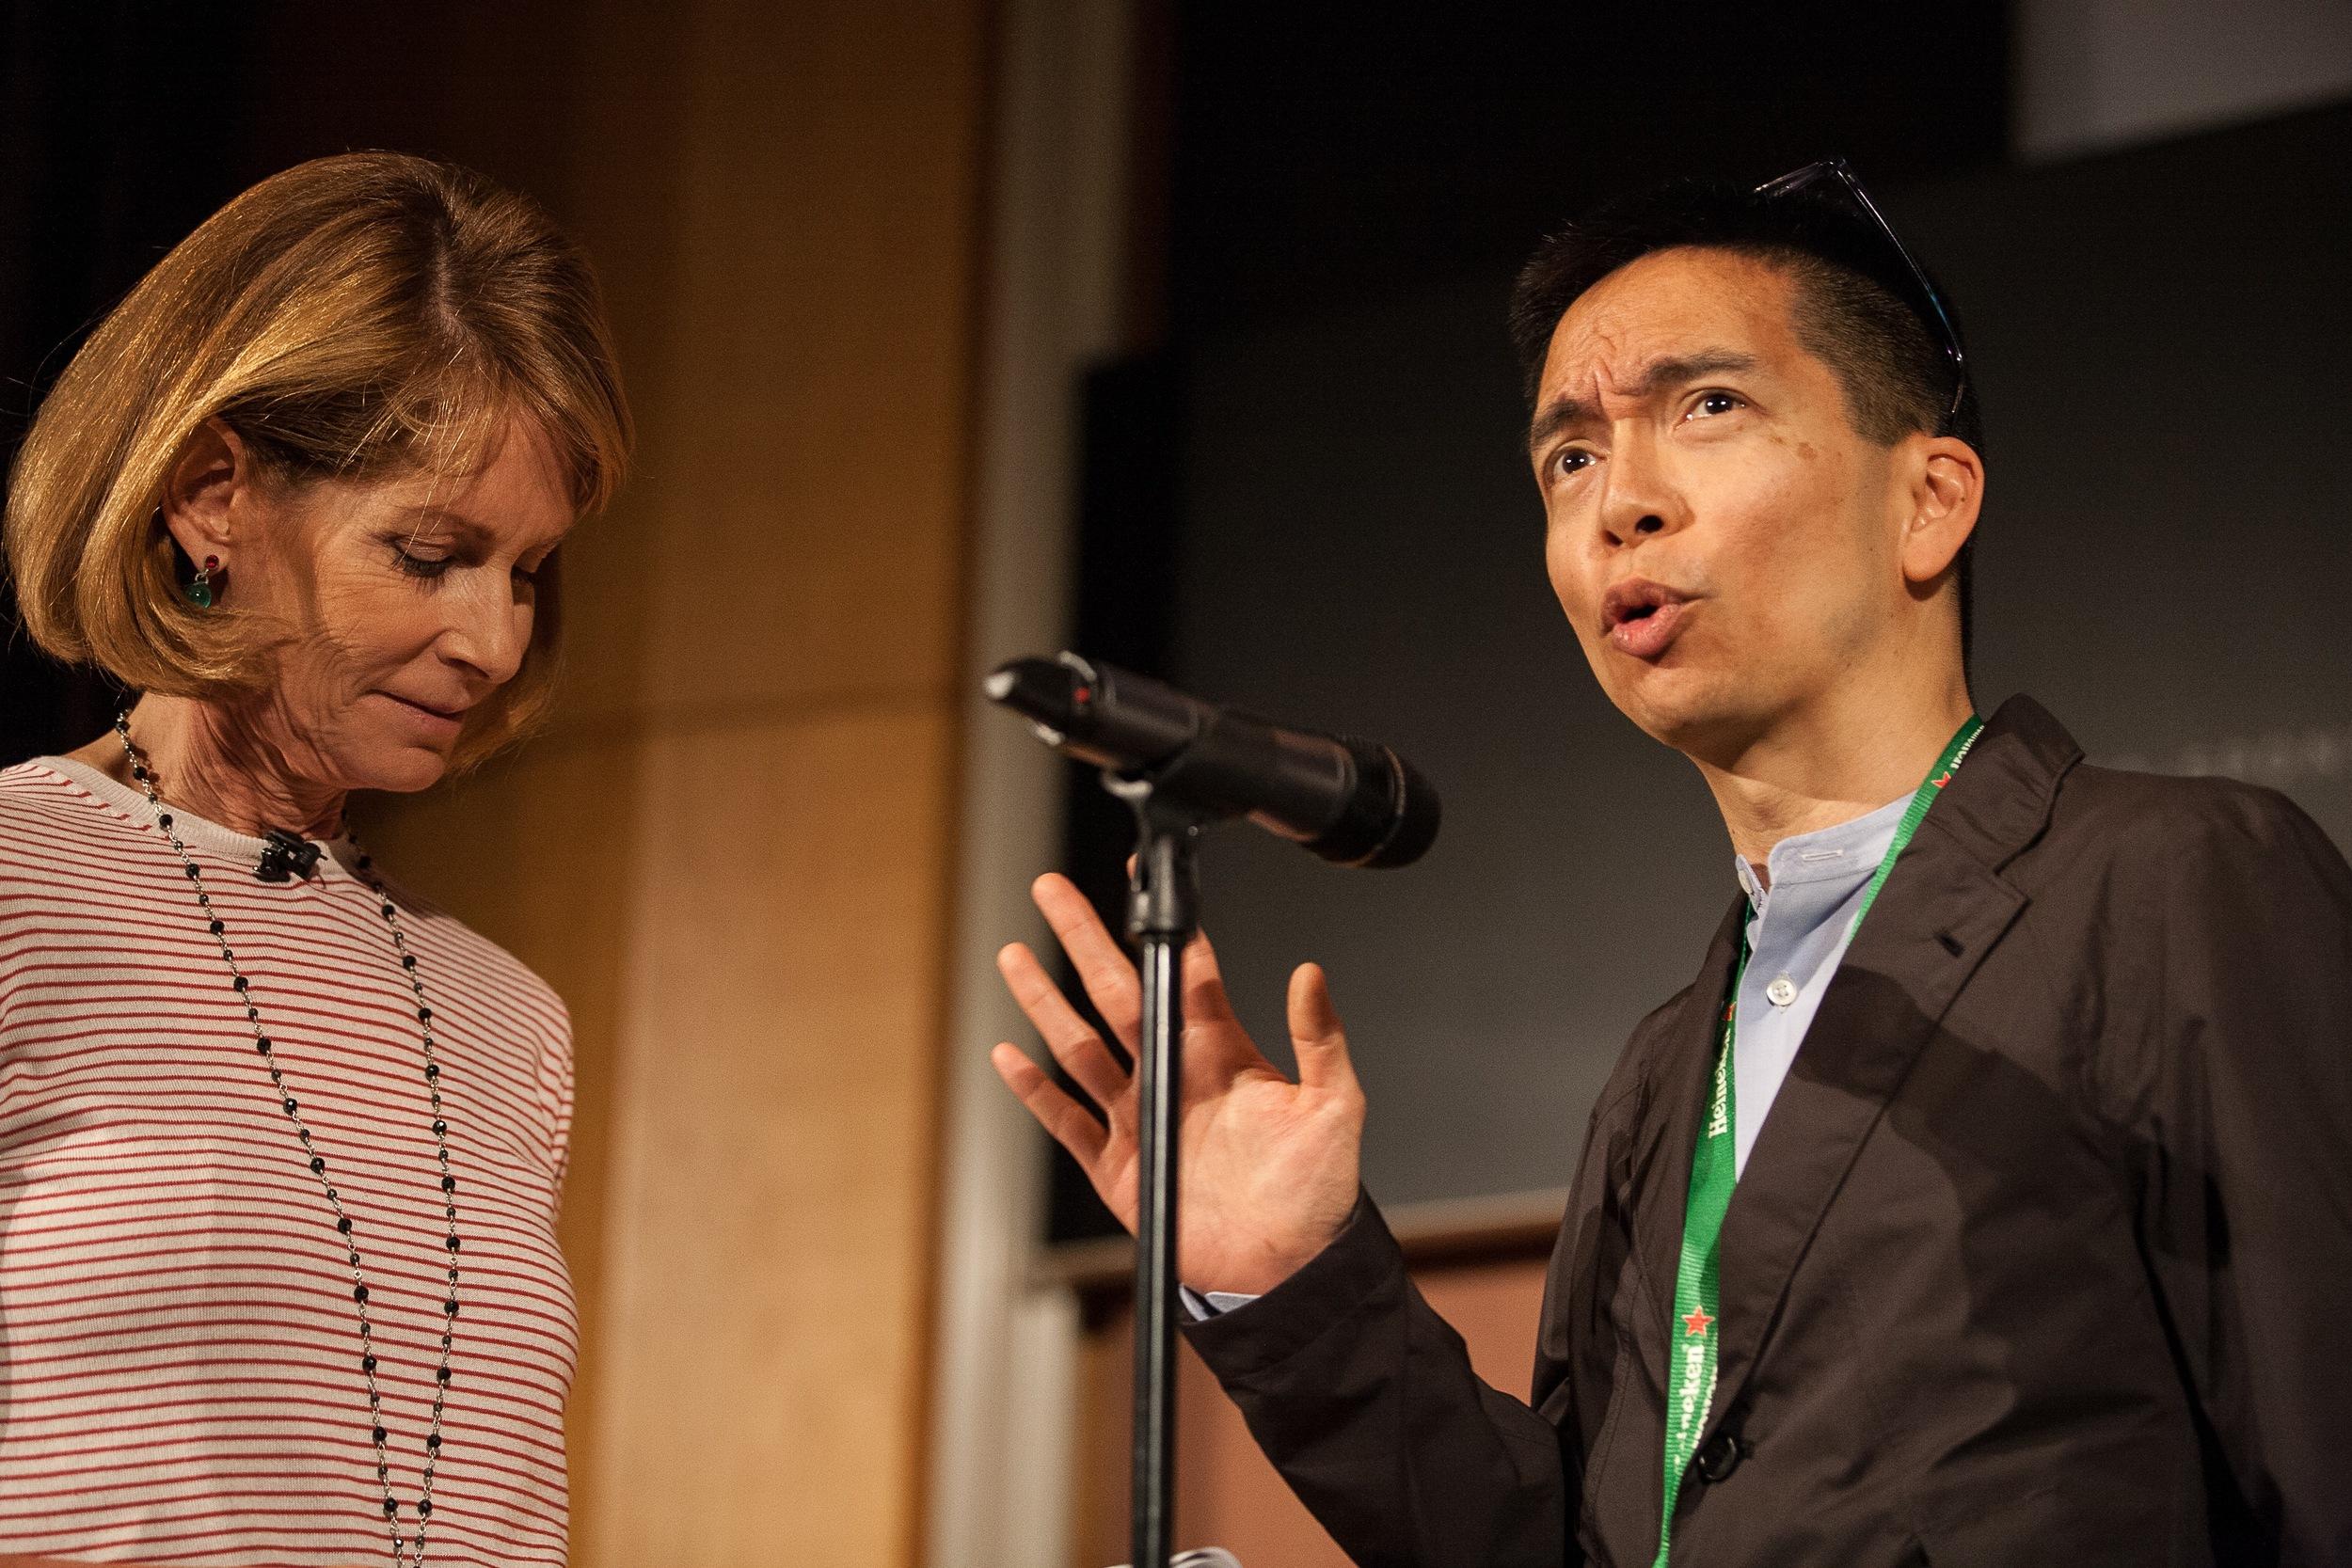 Tribeca Disruptive Innovation Awards 2013 - 137.jpg